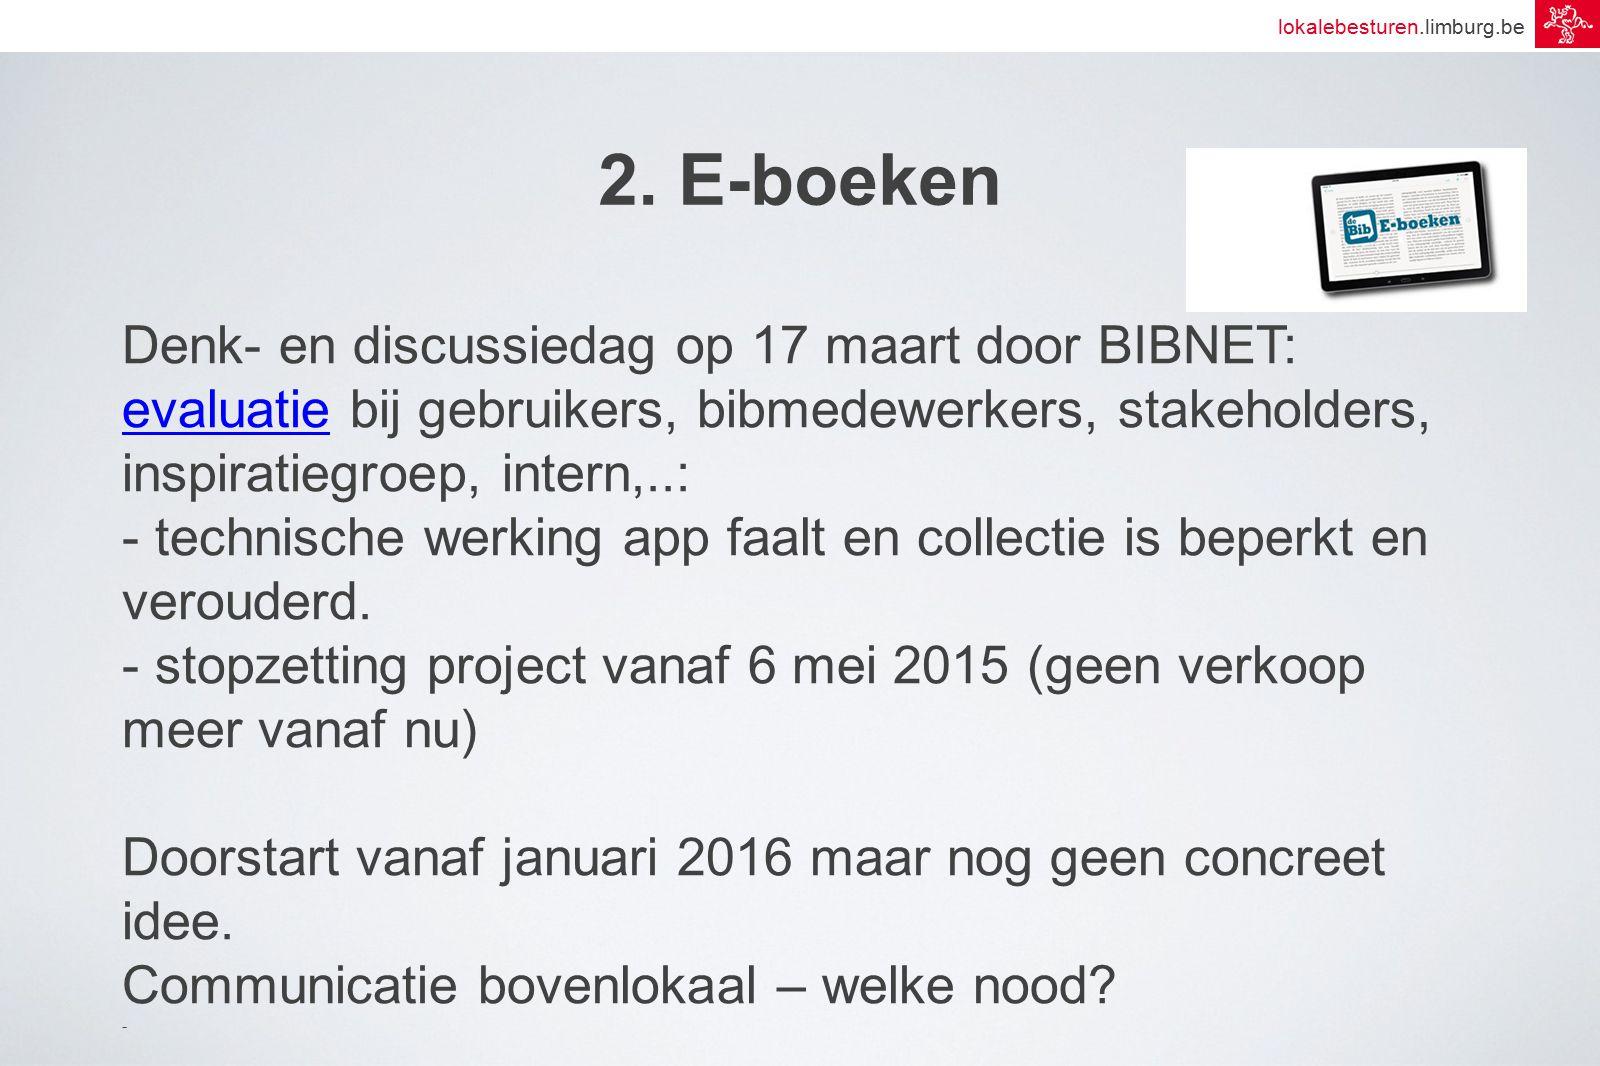 lokalebesturen.limburg.be 2. E-boeken Denk- en discussiedag op 17 maart door BIBNET: evaluatieevaluatie bij gebruikers, bibmedewerkers, stakeholders,